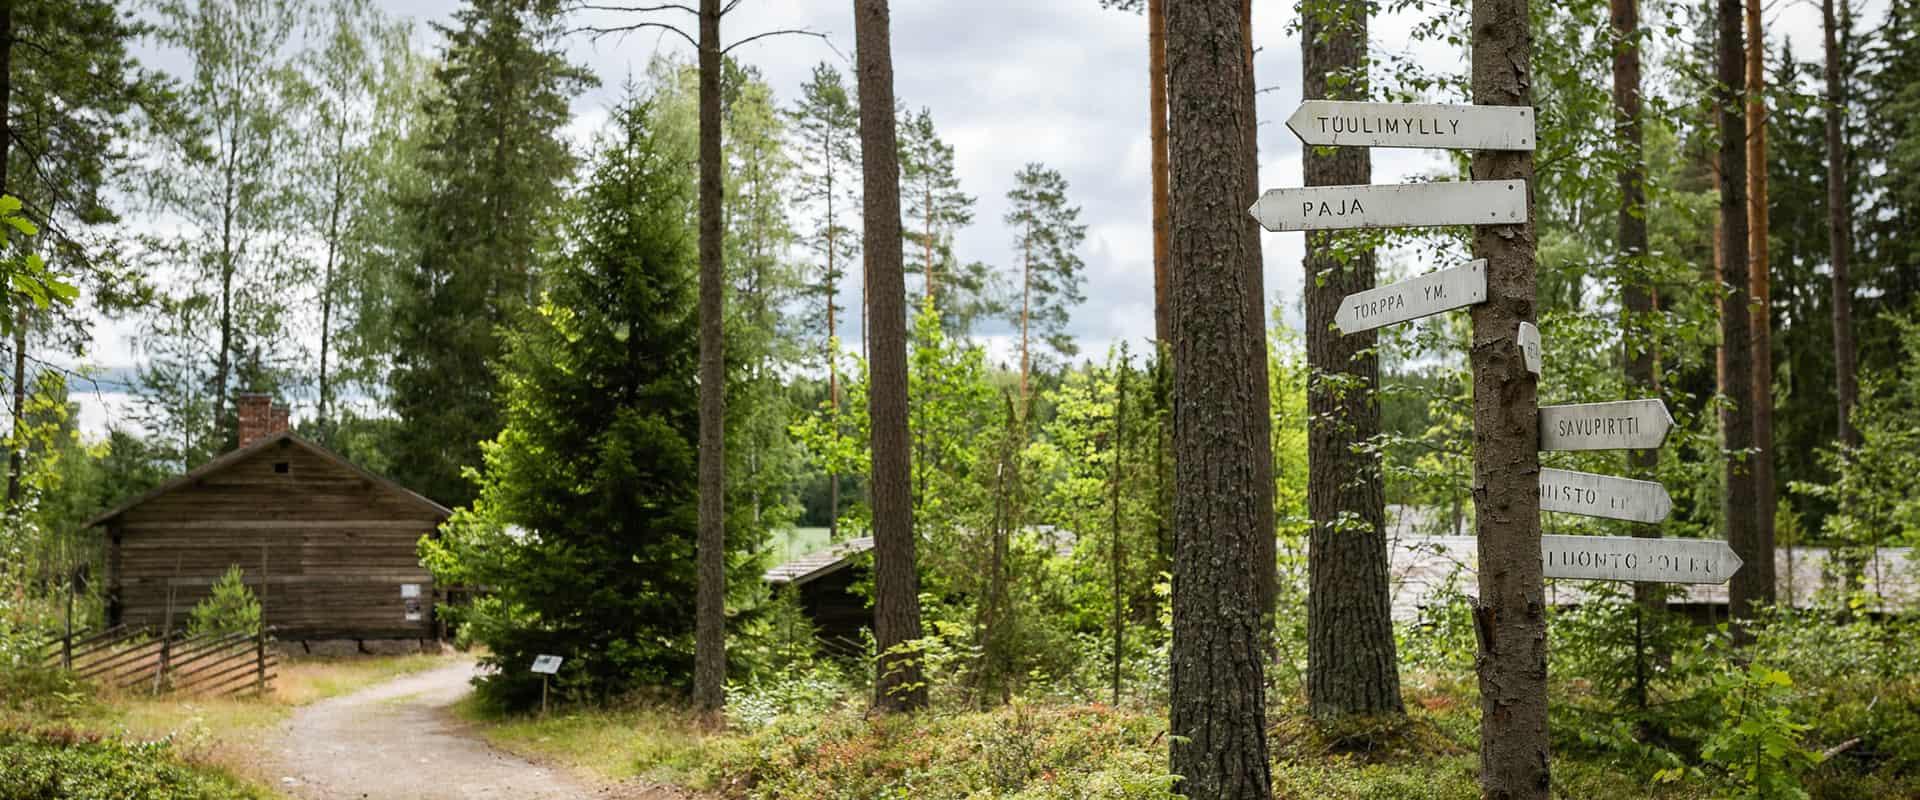 Visit Häme - matkailu vinkkejä Hämeeseen